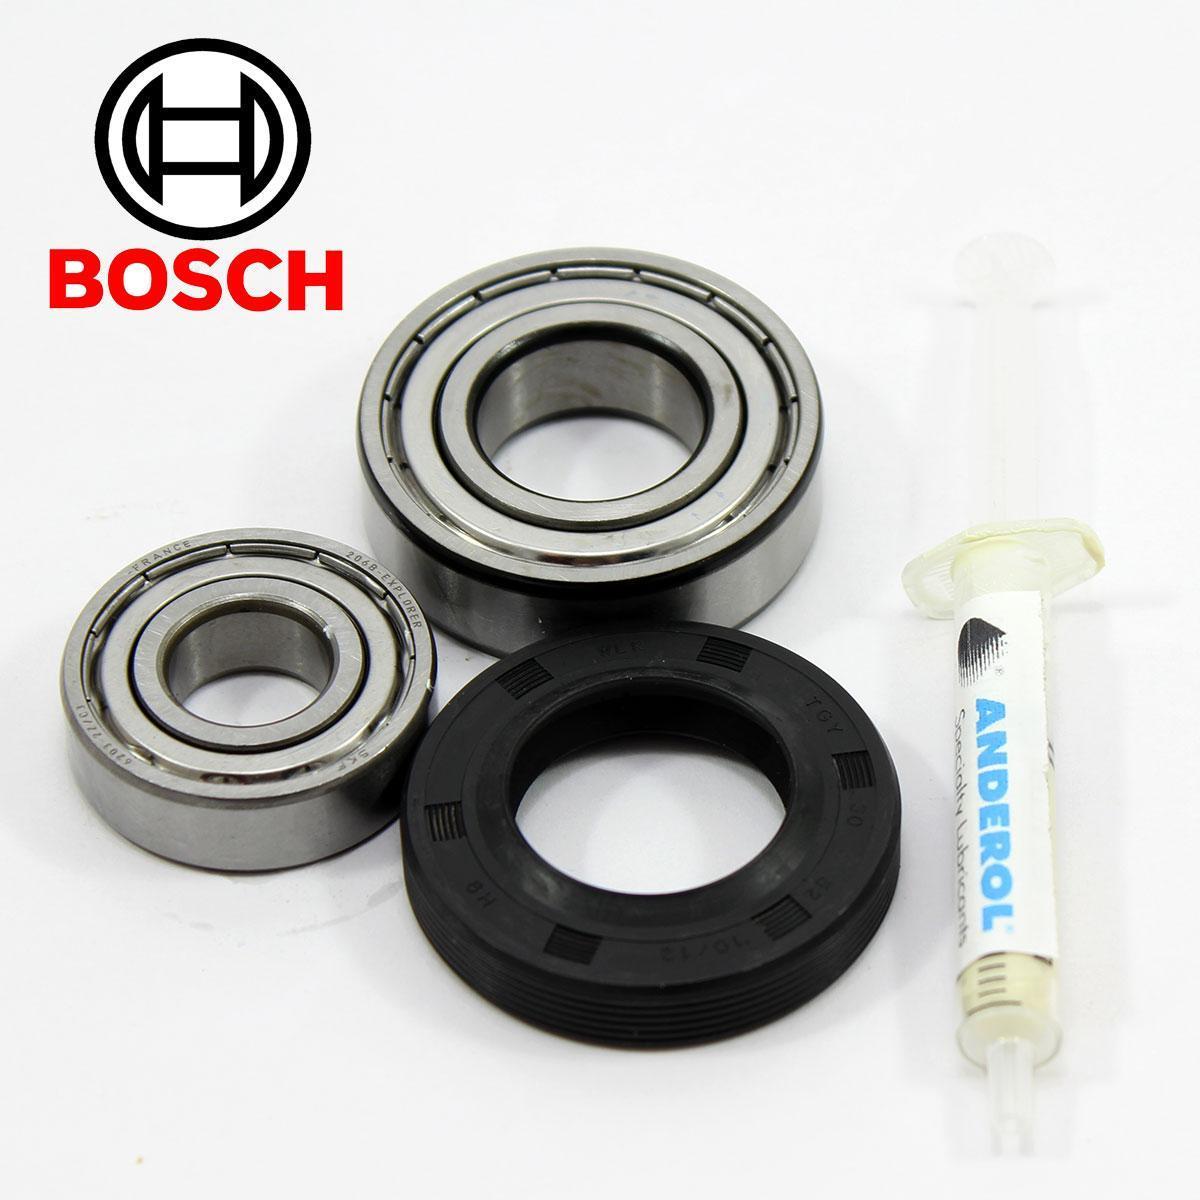 Комплект подшипников для стиральной машины Bosch и сальник (6203+6205+30*52*10/12)